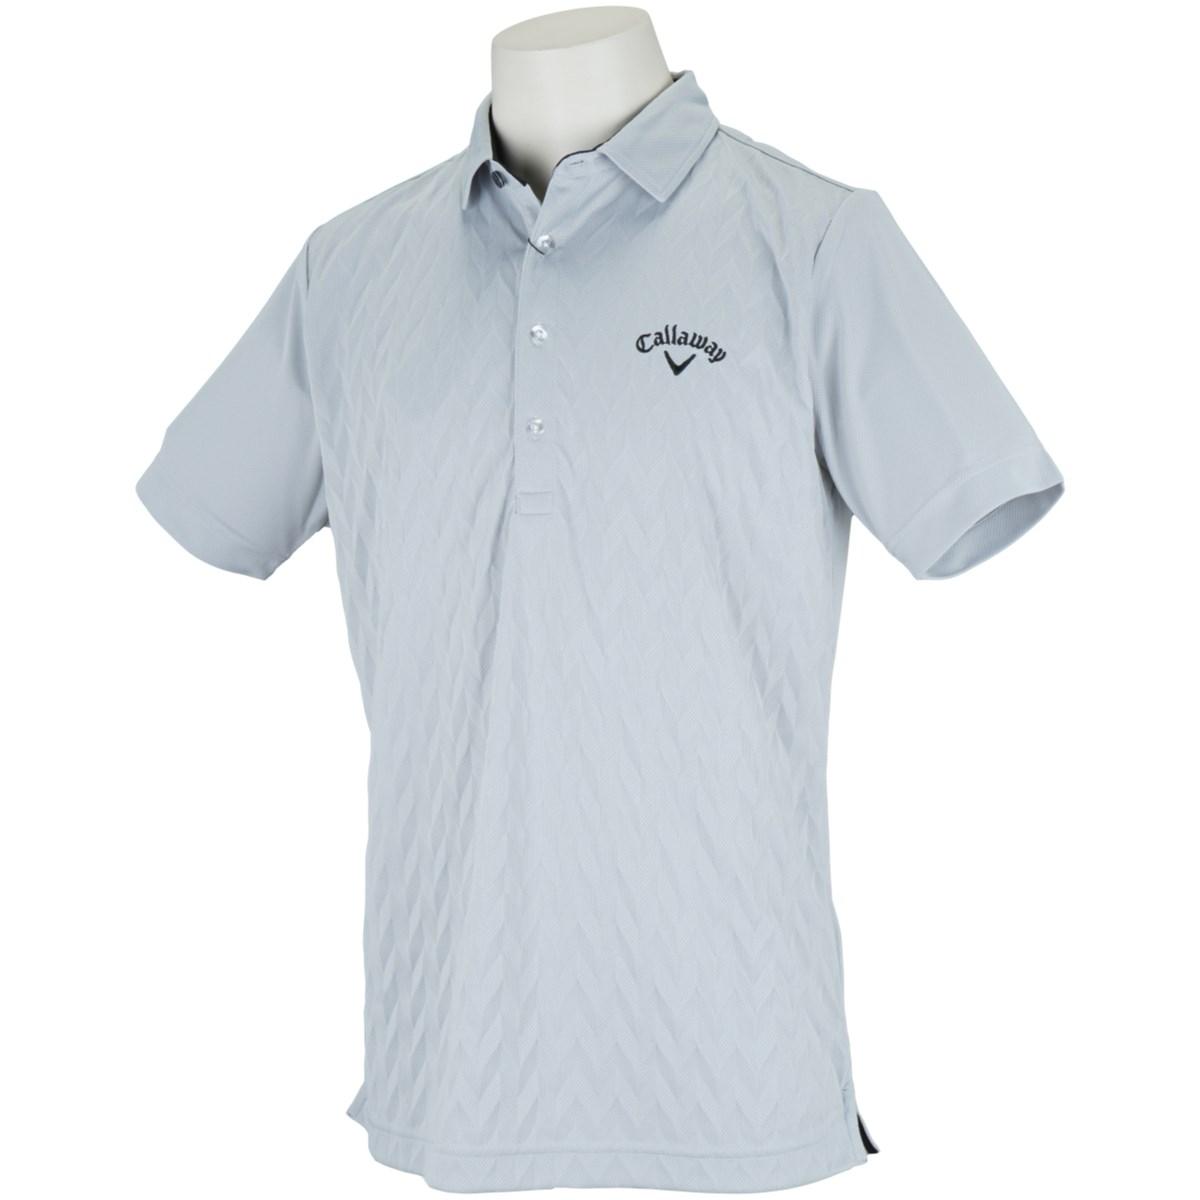 キャロウェイゴルフ Callaway Golf 半袖ポロシャツ M グレー 020